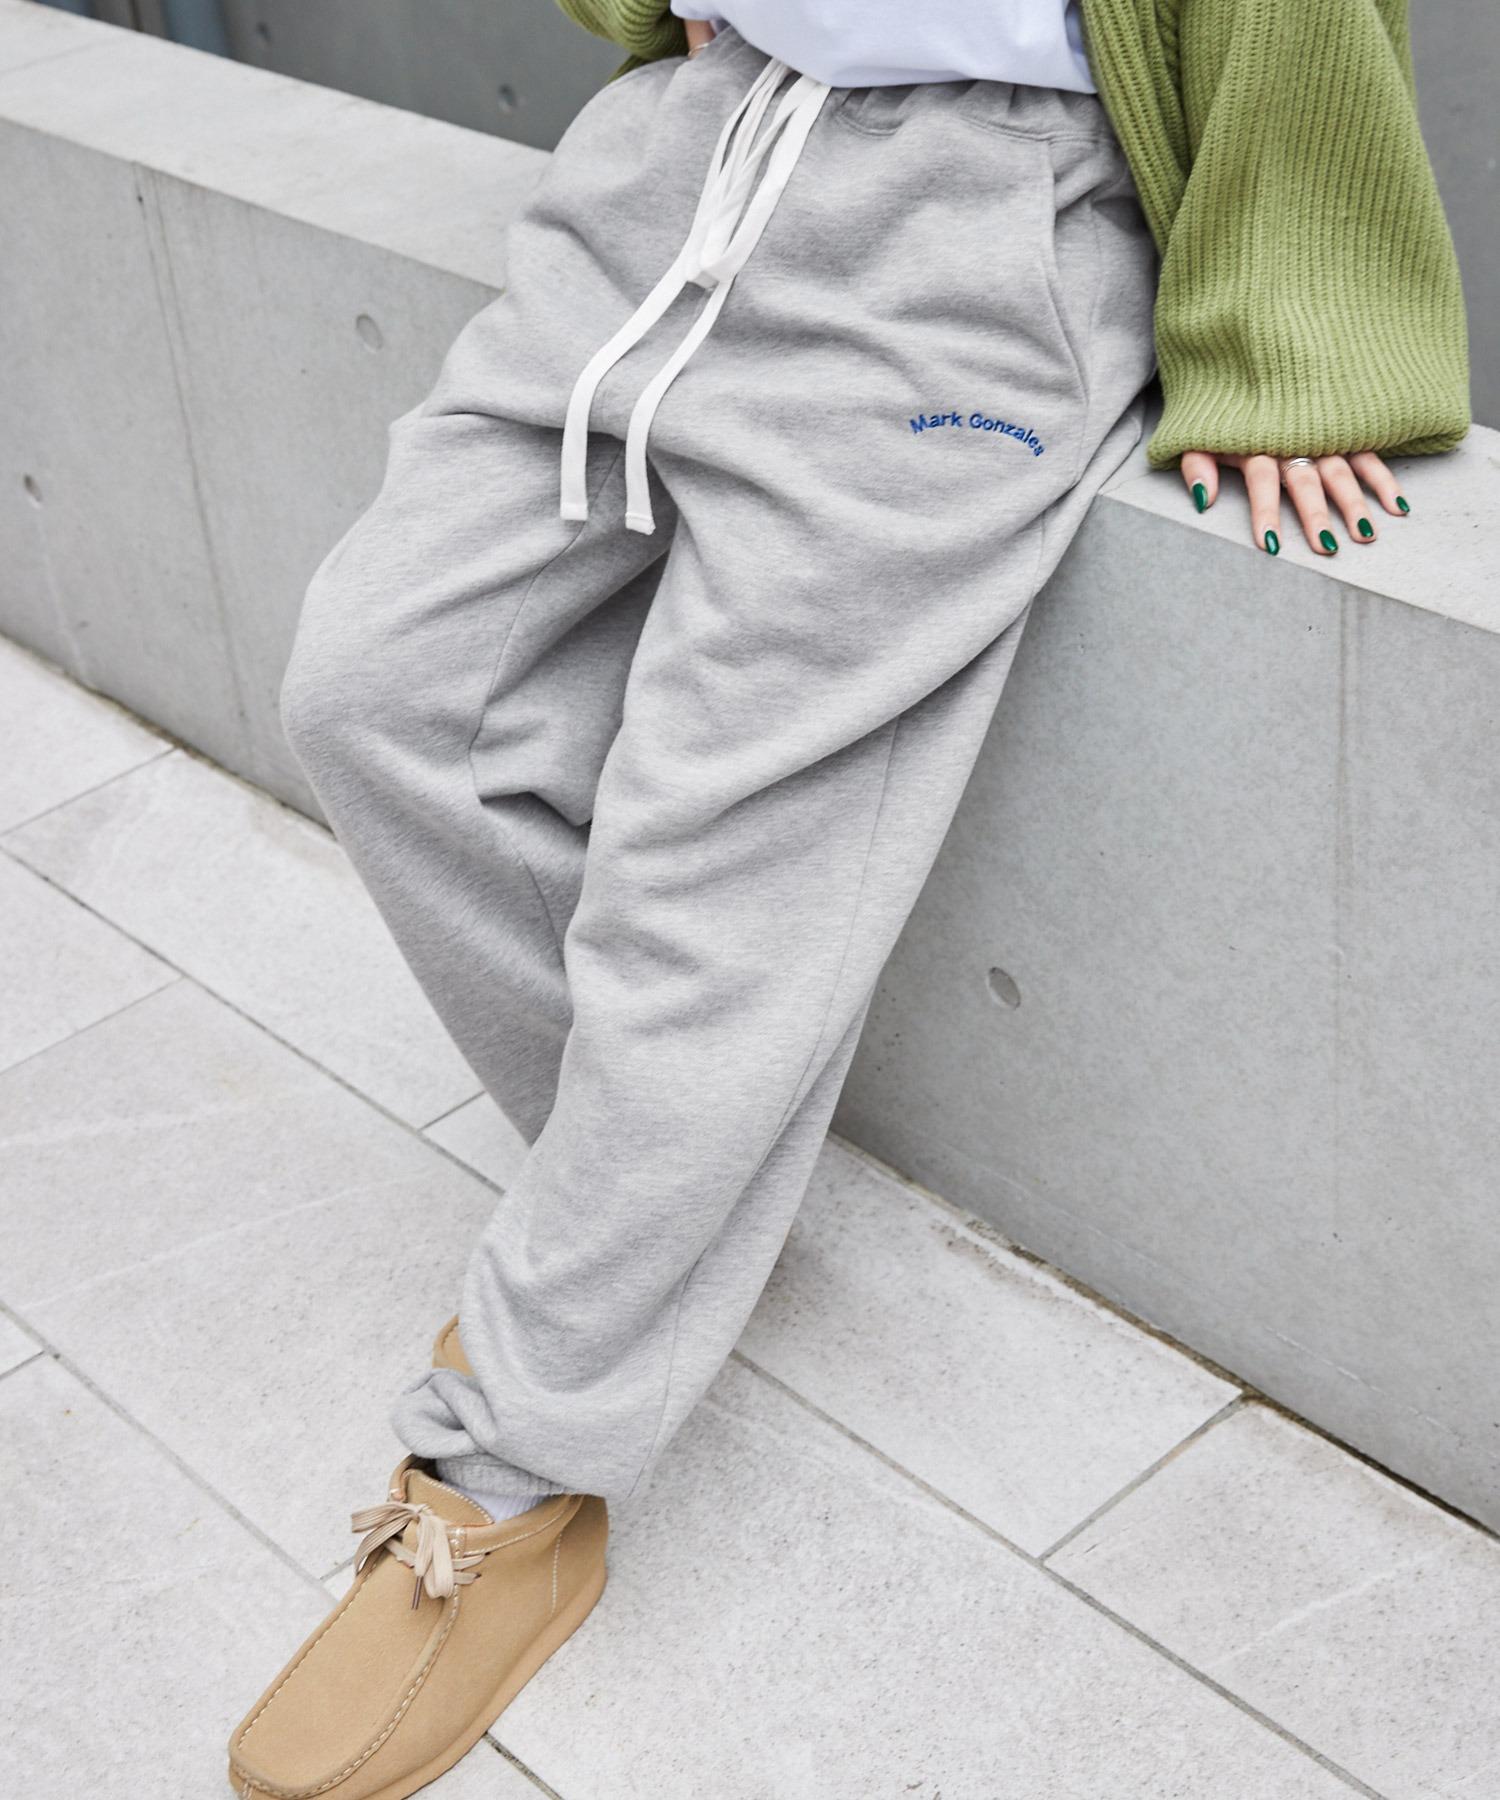 Mark Gonzales/マークゴンザレス MONO-MART別注 アーチロゴ刺繍 裏起毛 バルーンスウェットパンツ